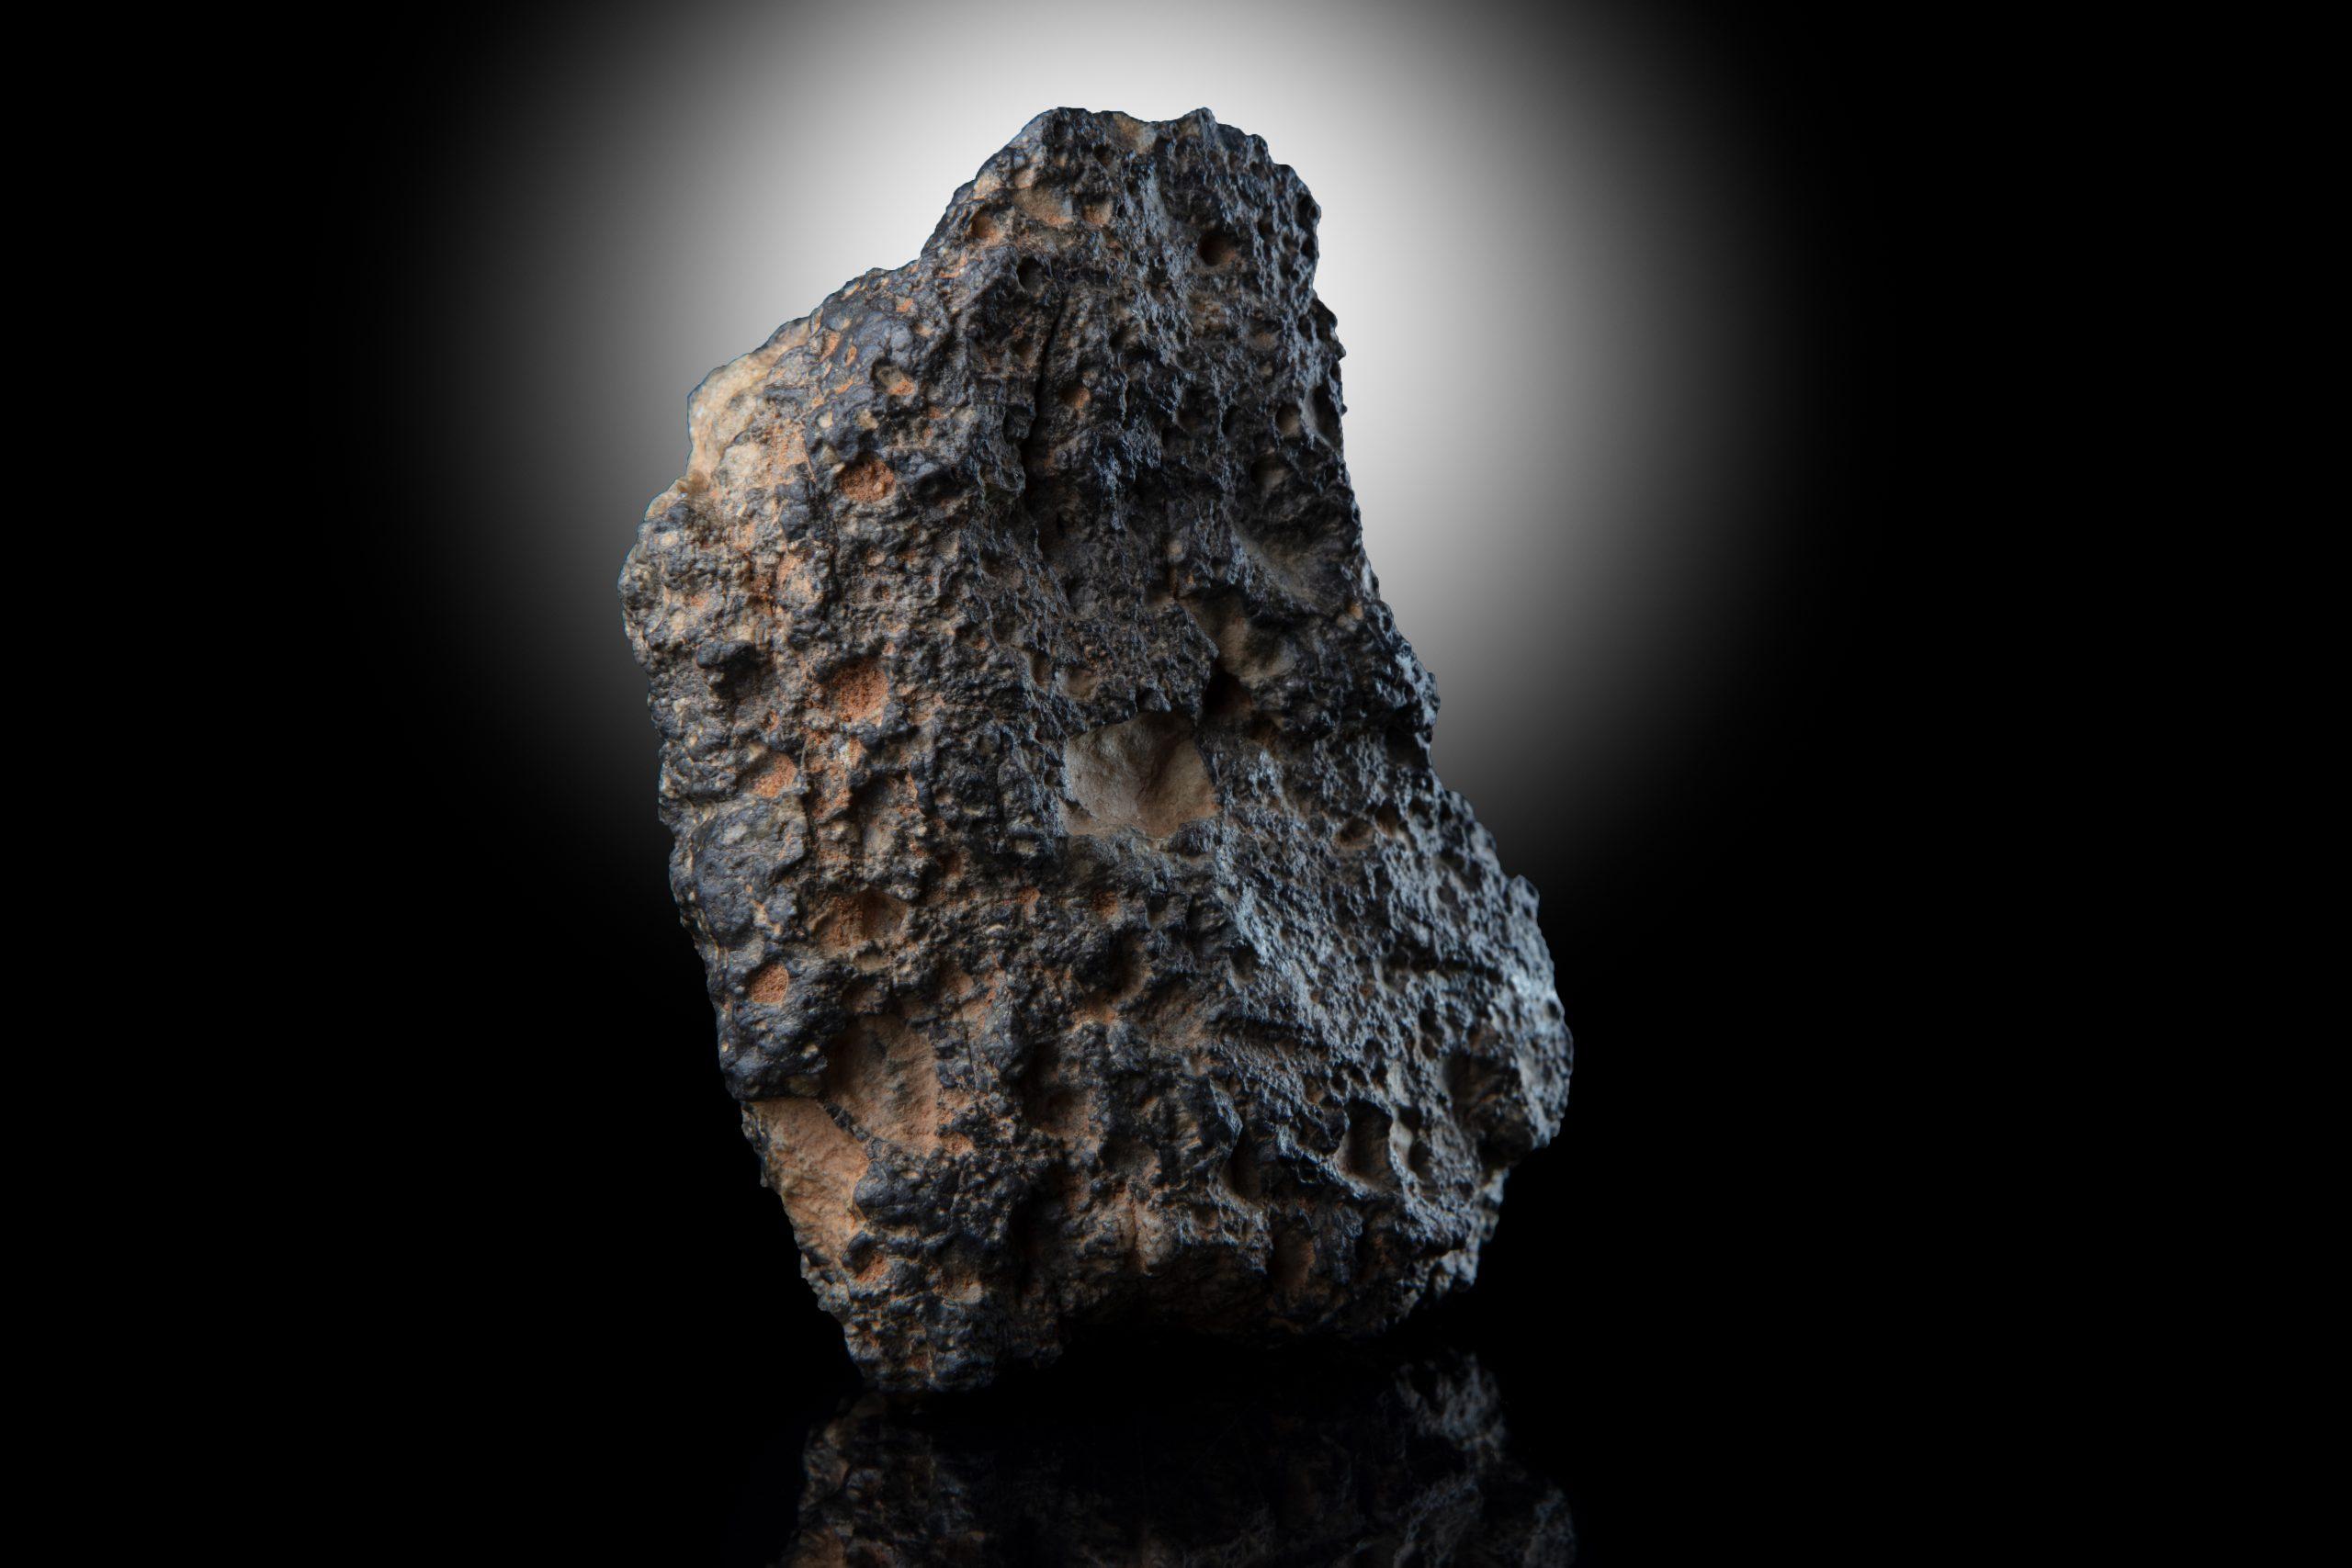 lunar meteorite 363g